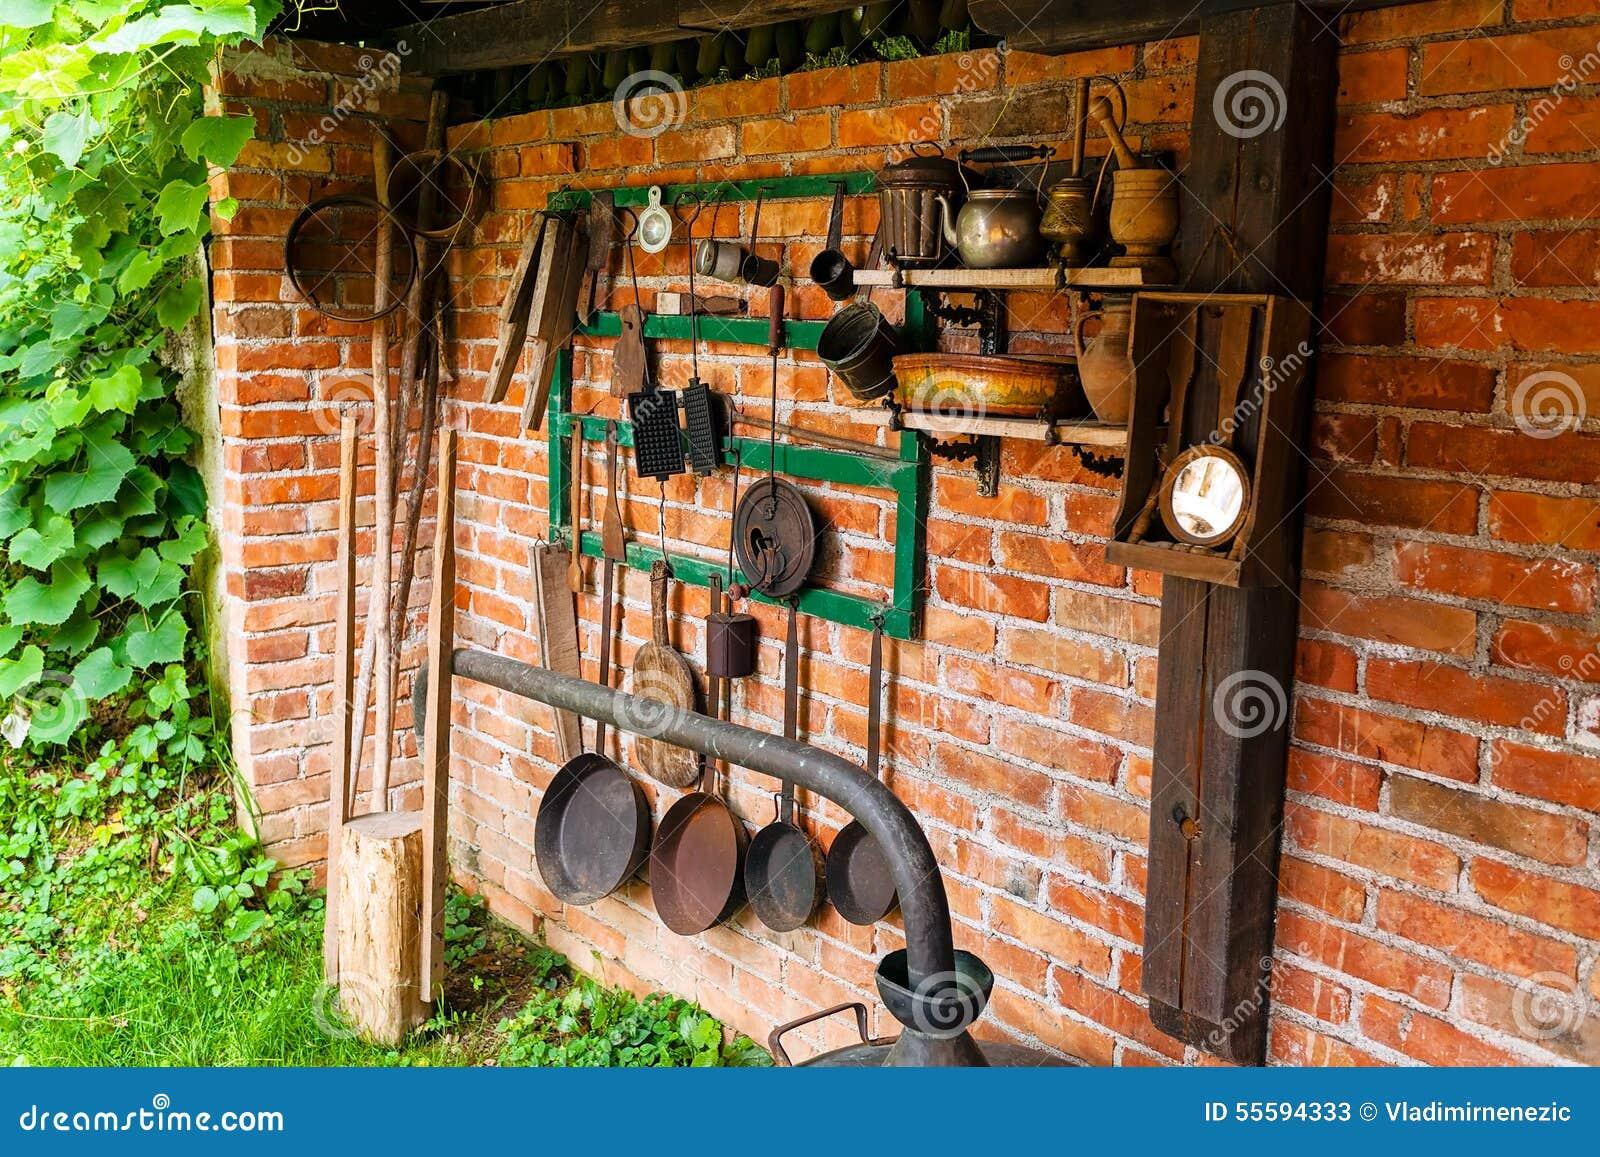 Alte Werkzeuge Und Küchengeräte Stockbild - Bild von grün, haupt ...